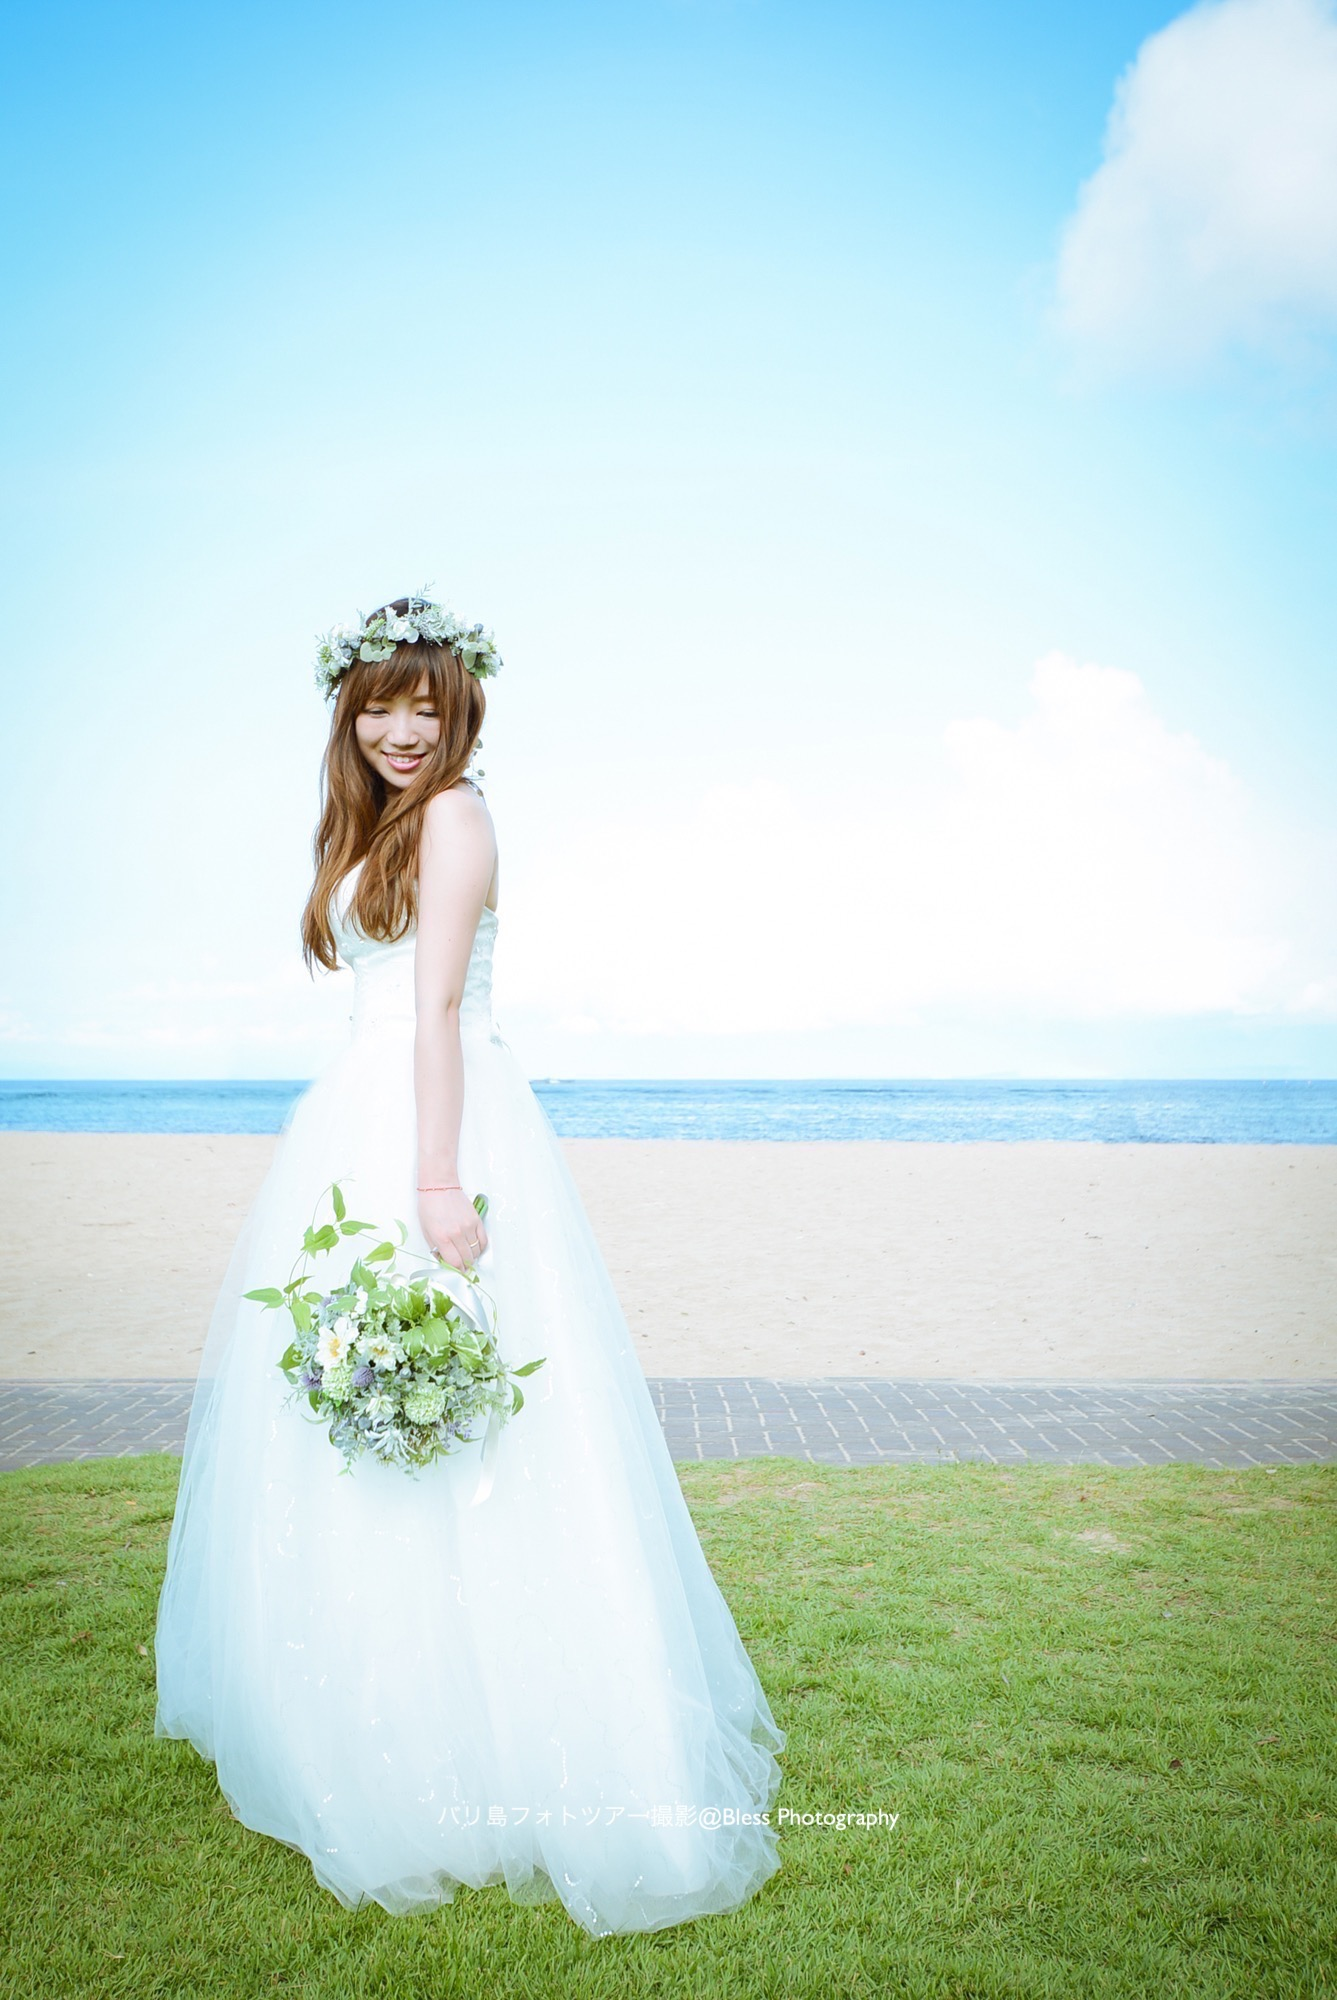 花嫁の綺麗な立ち方 カメラに対して身体を斜めに